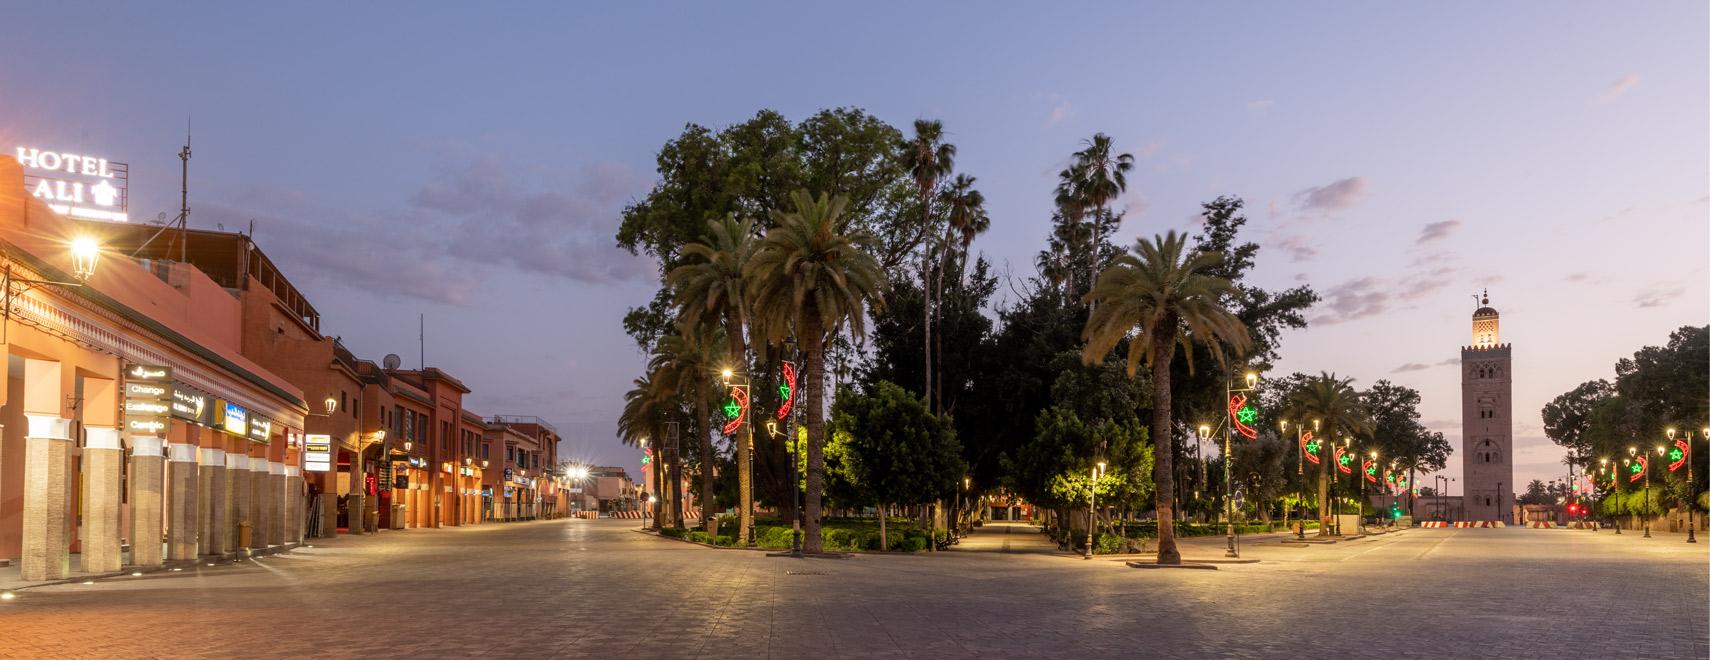 Marrakech Pendant la Pandémie